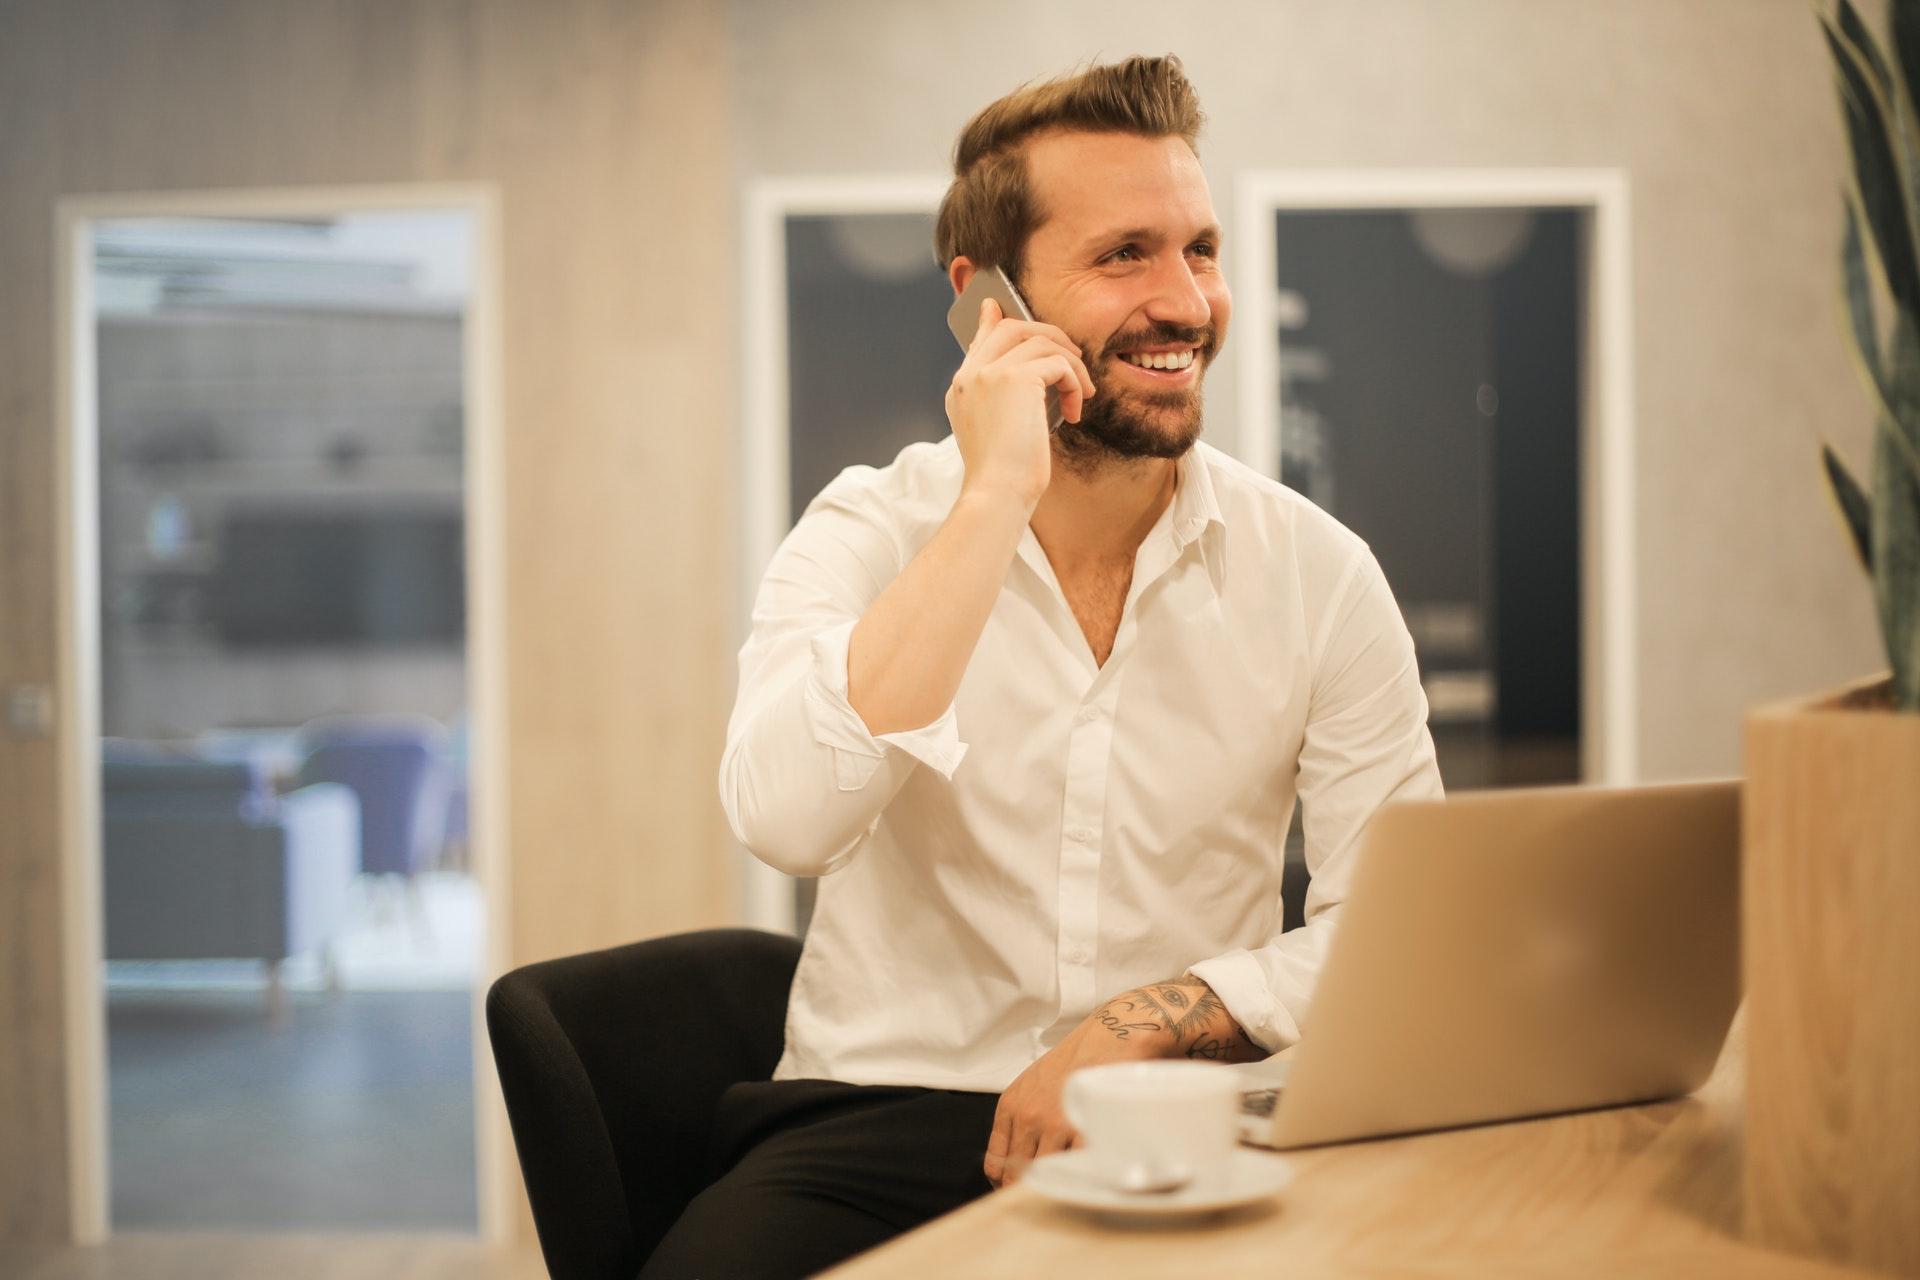 Vemos um homem feliz sentando em frente um computador enquanto fala ao telefone (imagem ilustrativa). Texto: franquias com faturamento alto.